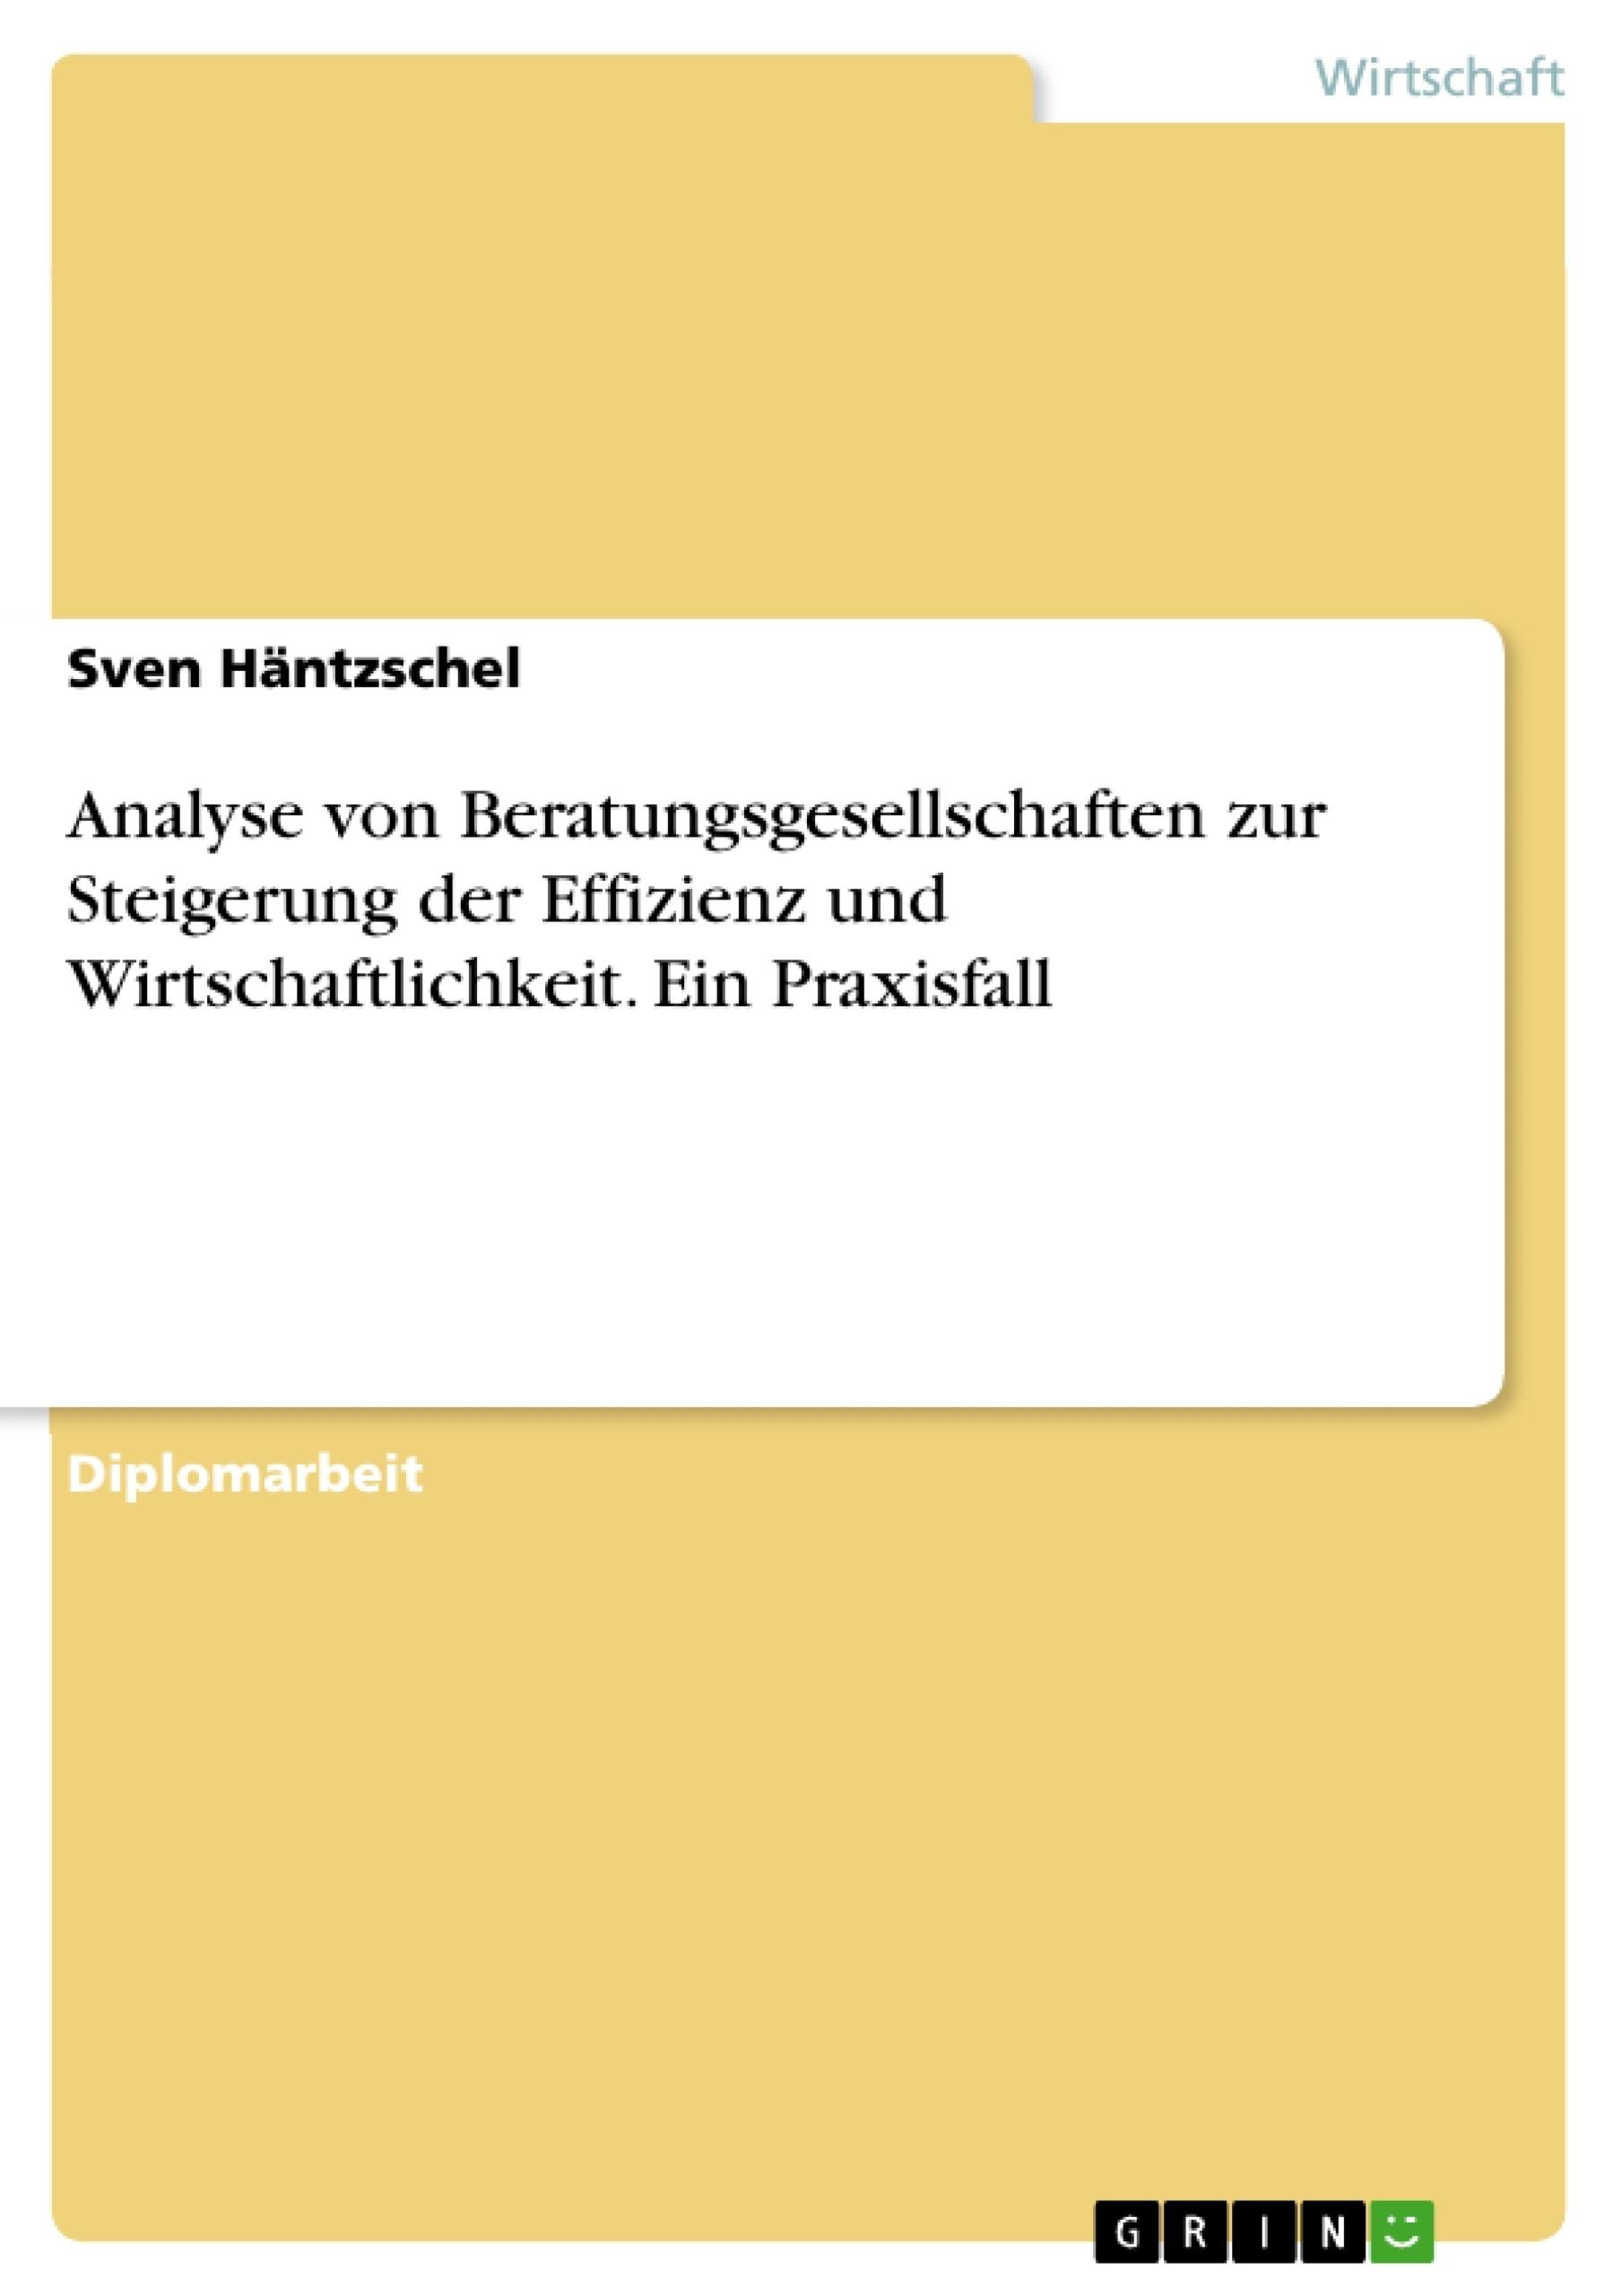 Titel: Analyse von Beratungsgesellschaften zur Steigerung der Effizienz und Wirtschaftlichkeit. Ein Praxisfall